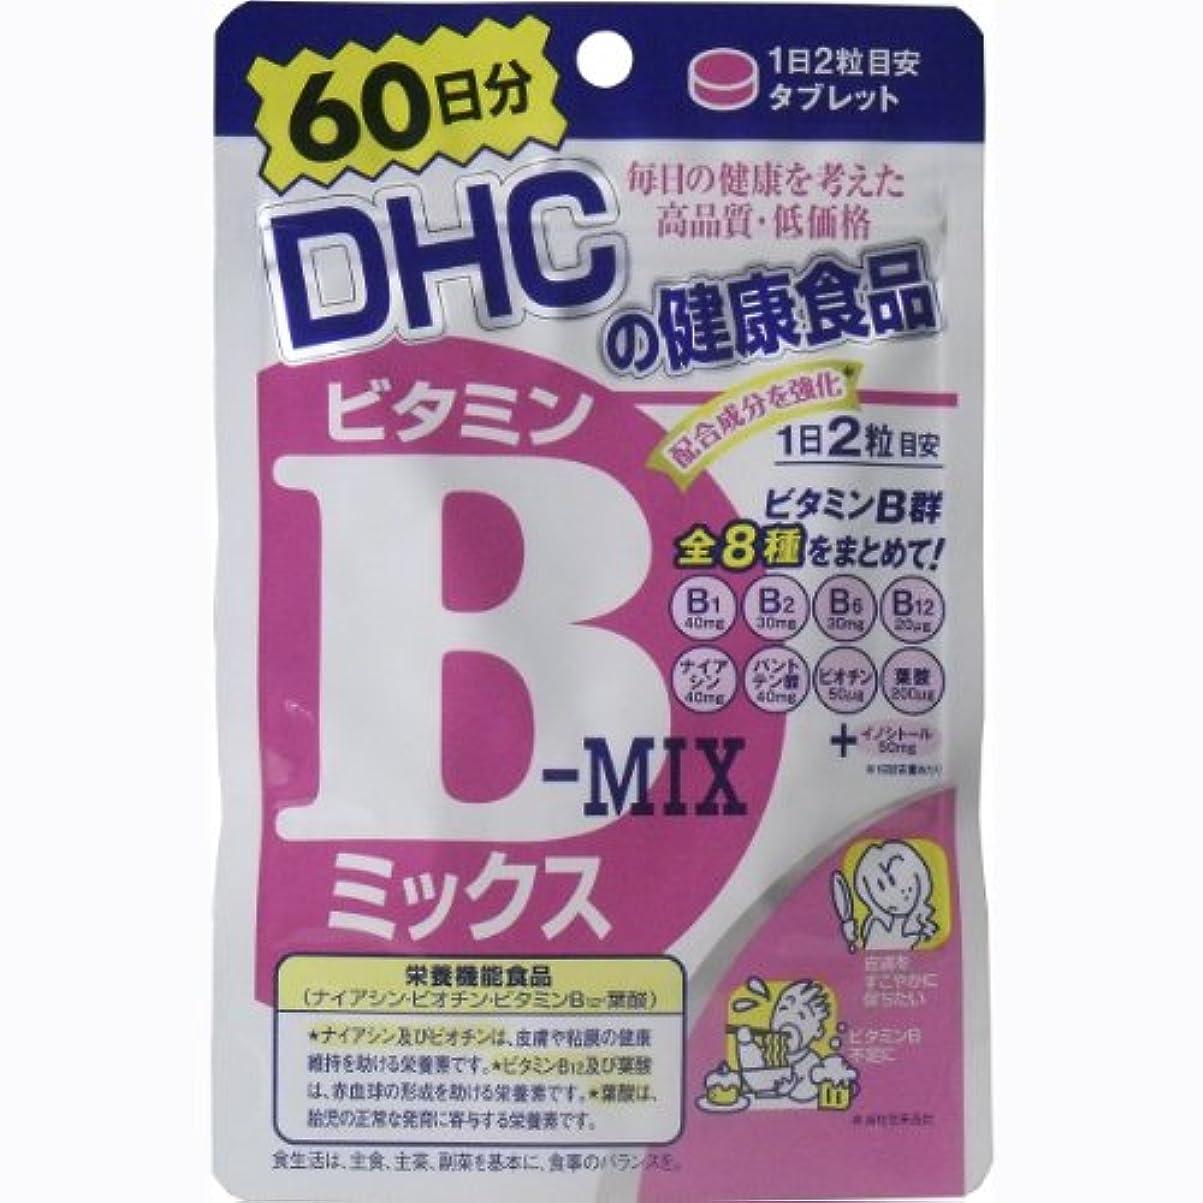 影響力のあるクアッガ肉DHC ビタミンBミックス 120粒 60日分 ×8個セット